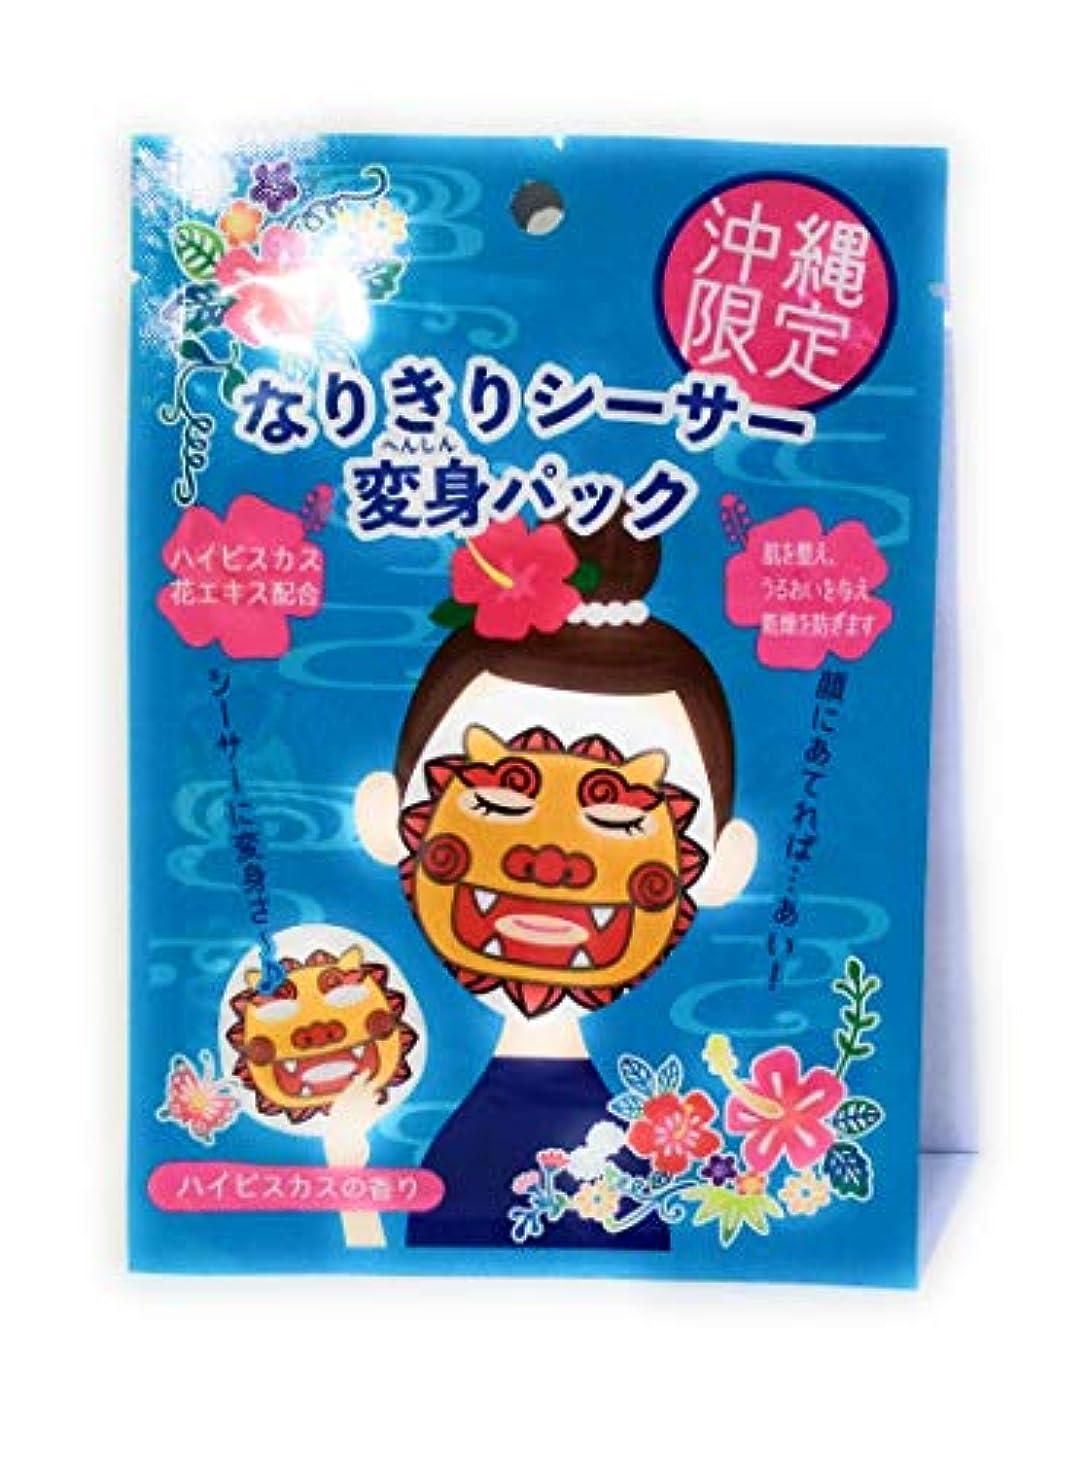 入植者経済的ひも沖縄限定 なりきりシーサー変身パック ハイビスカスの香り